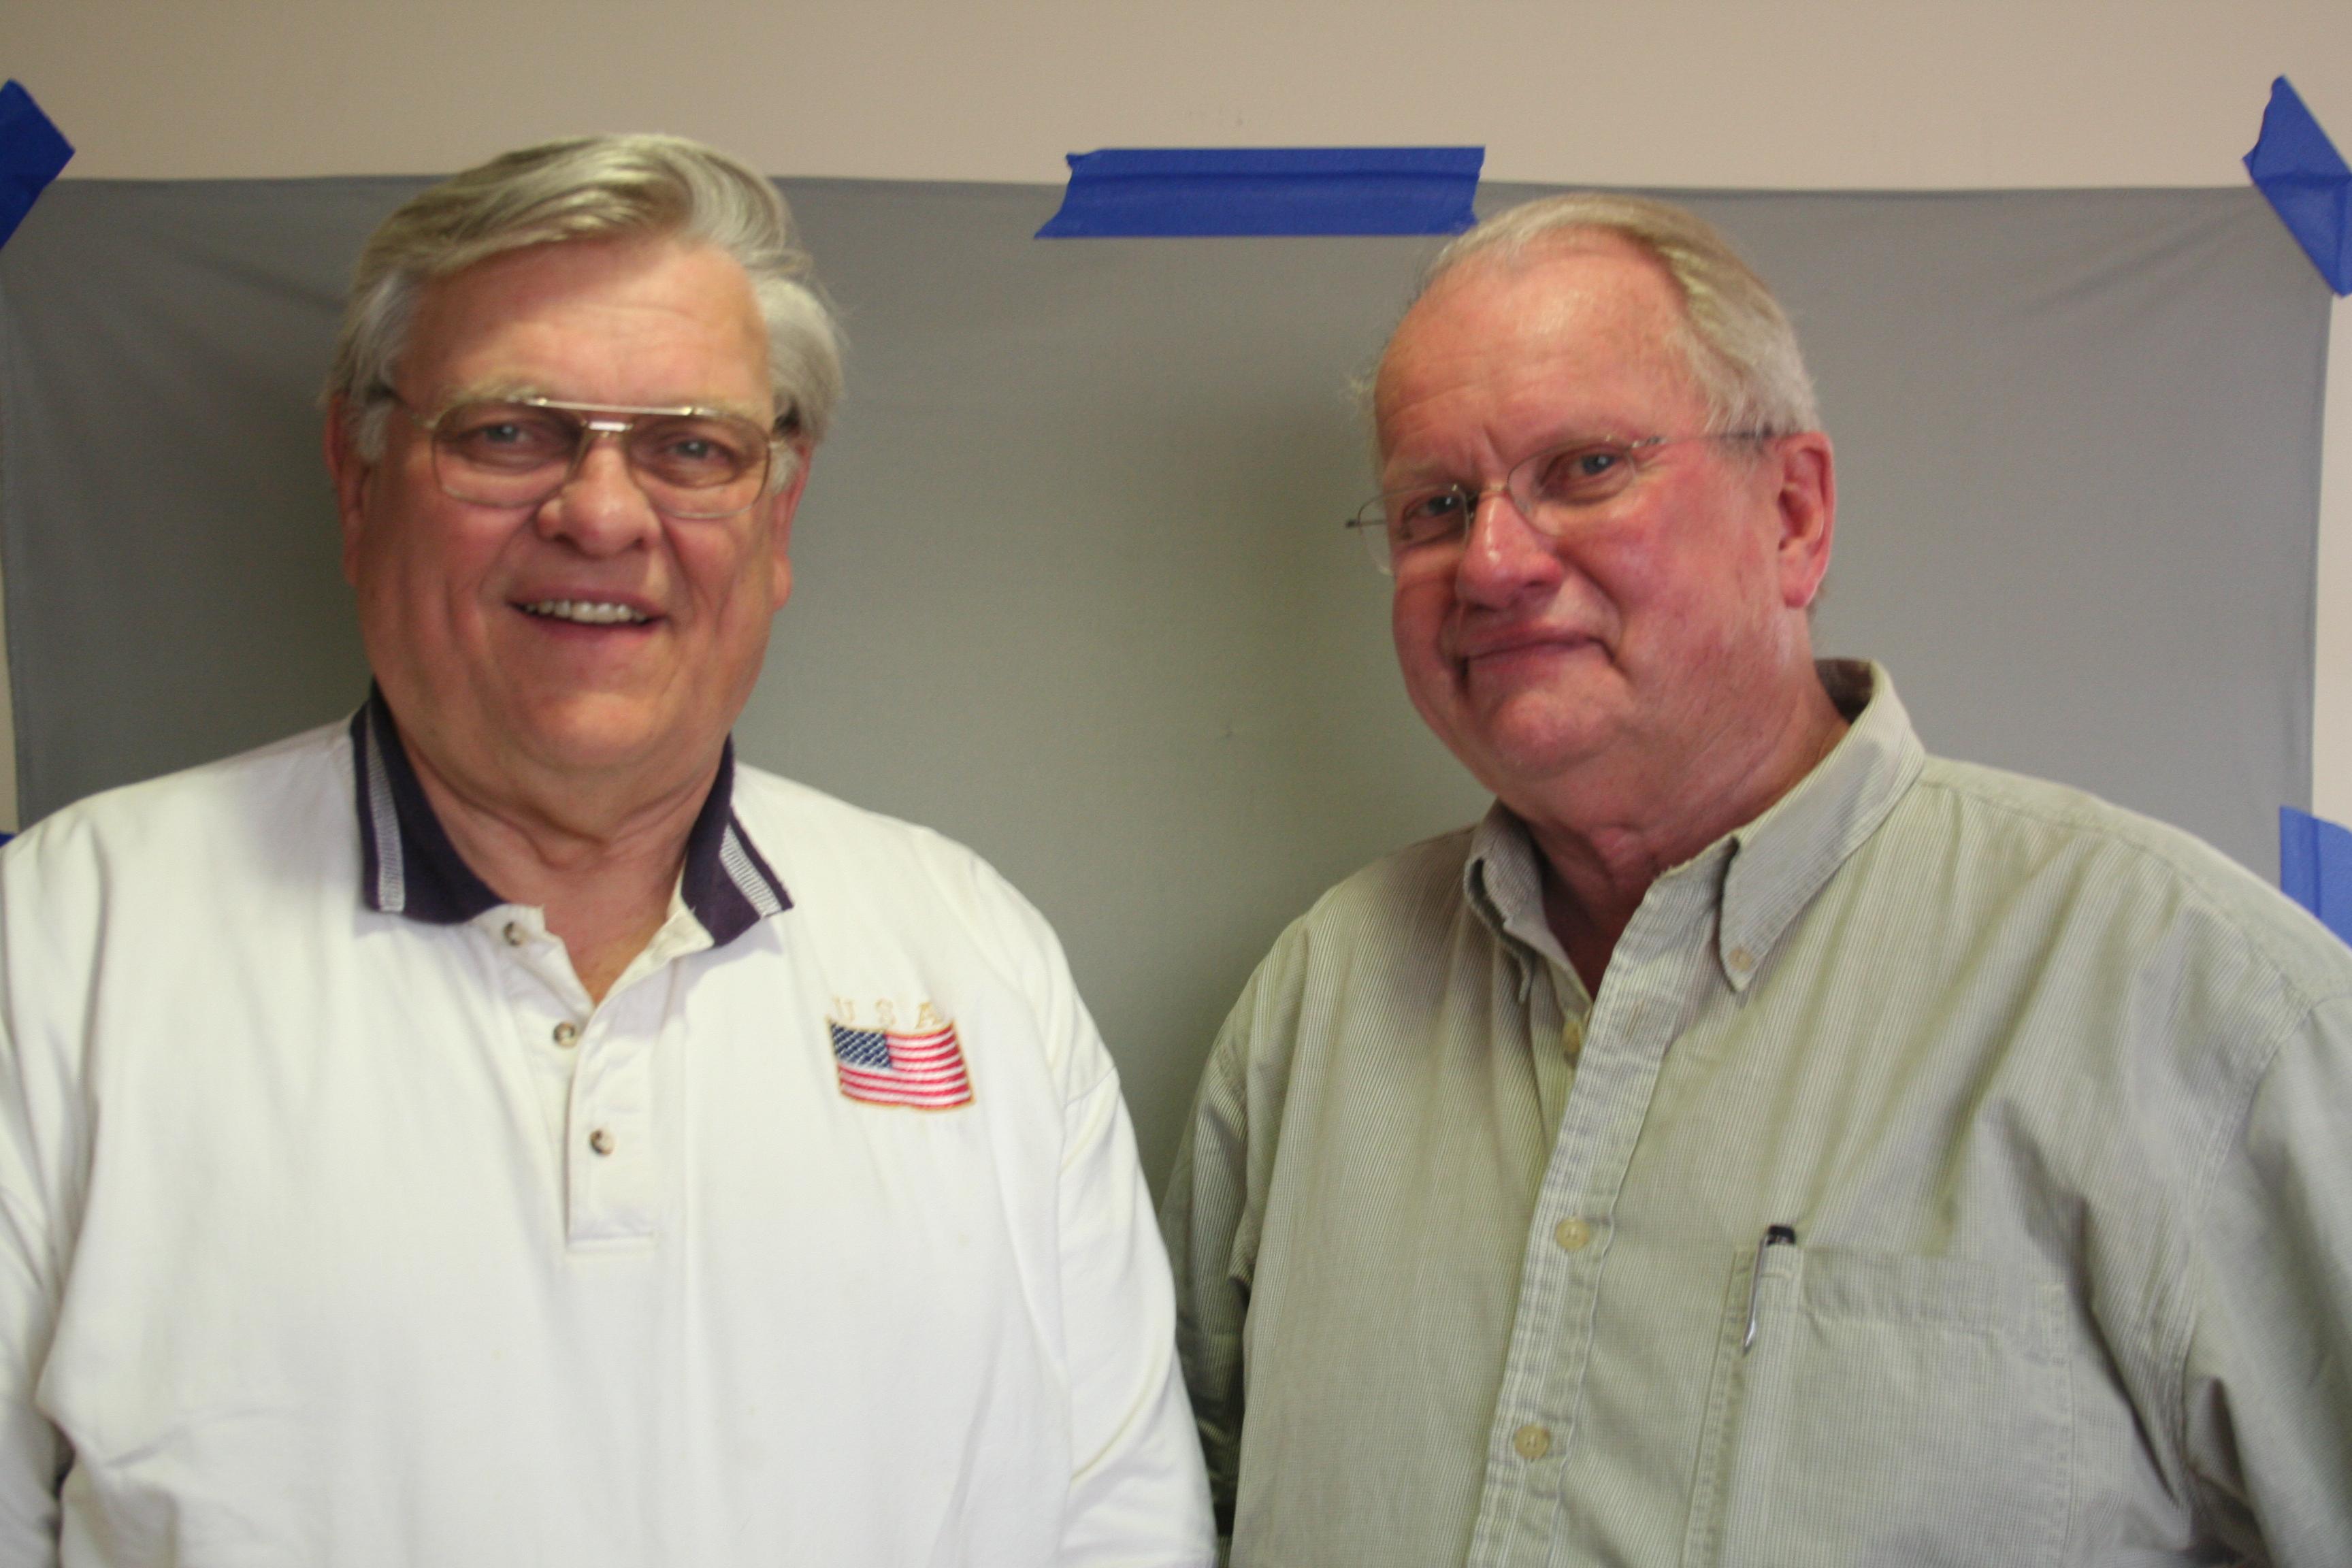 StoryCorps: George Jensen & Roy Jorgensen